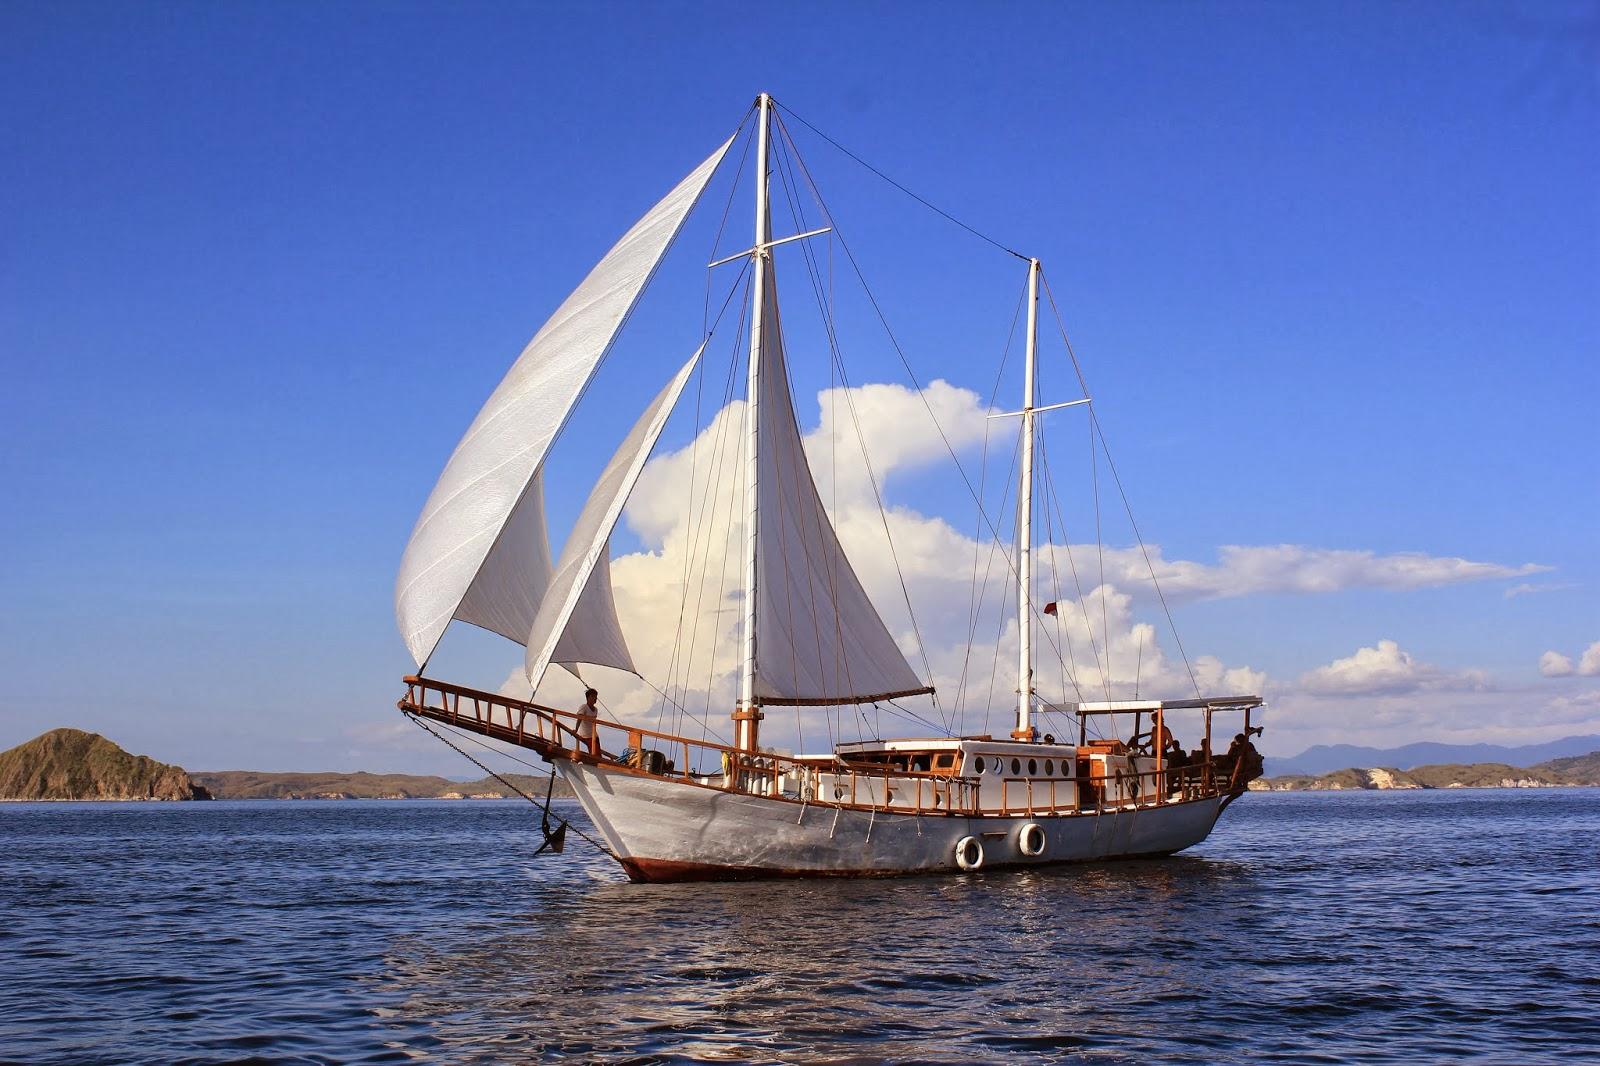 Croisière Snorkelling (masque et tuba) à bord d' Antares (voilier traditionnel) en Indonésie - www.piratesbaycroisiere.fr